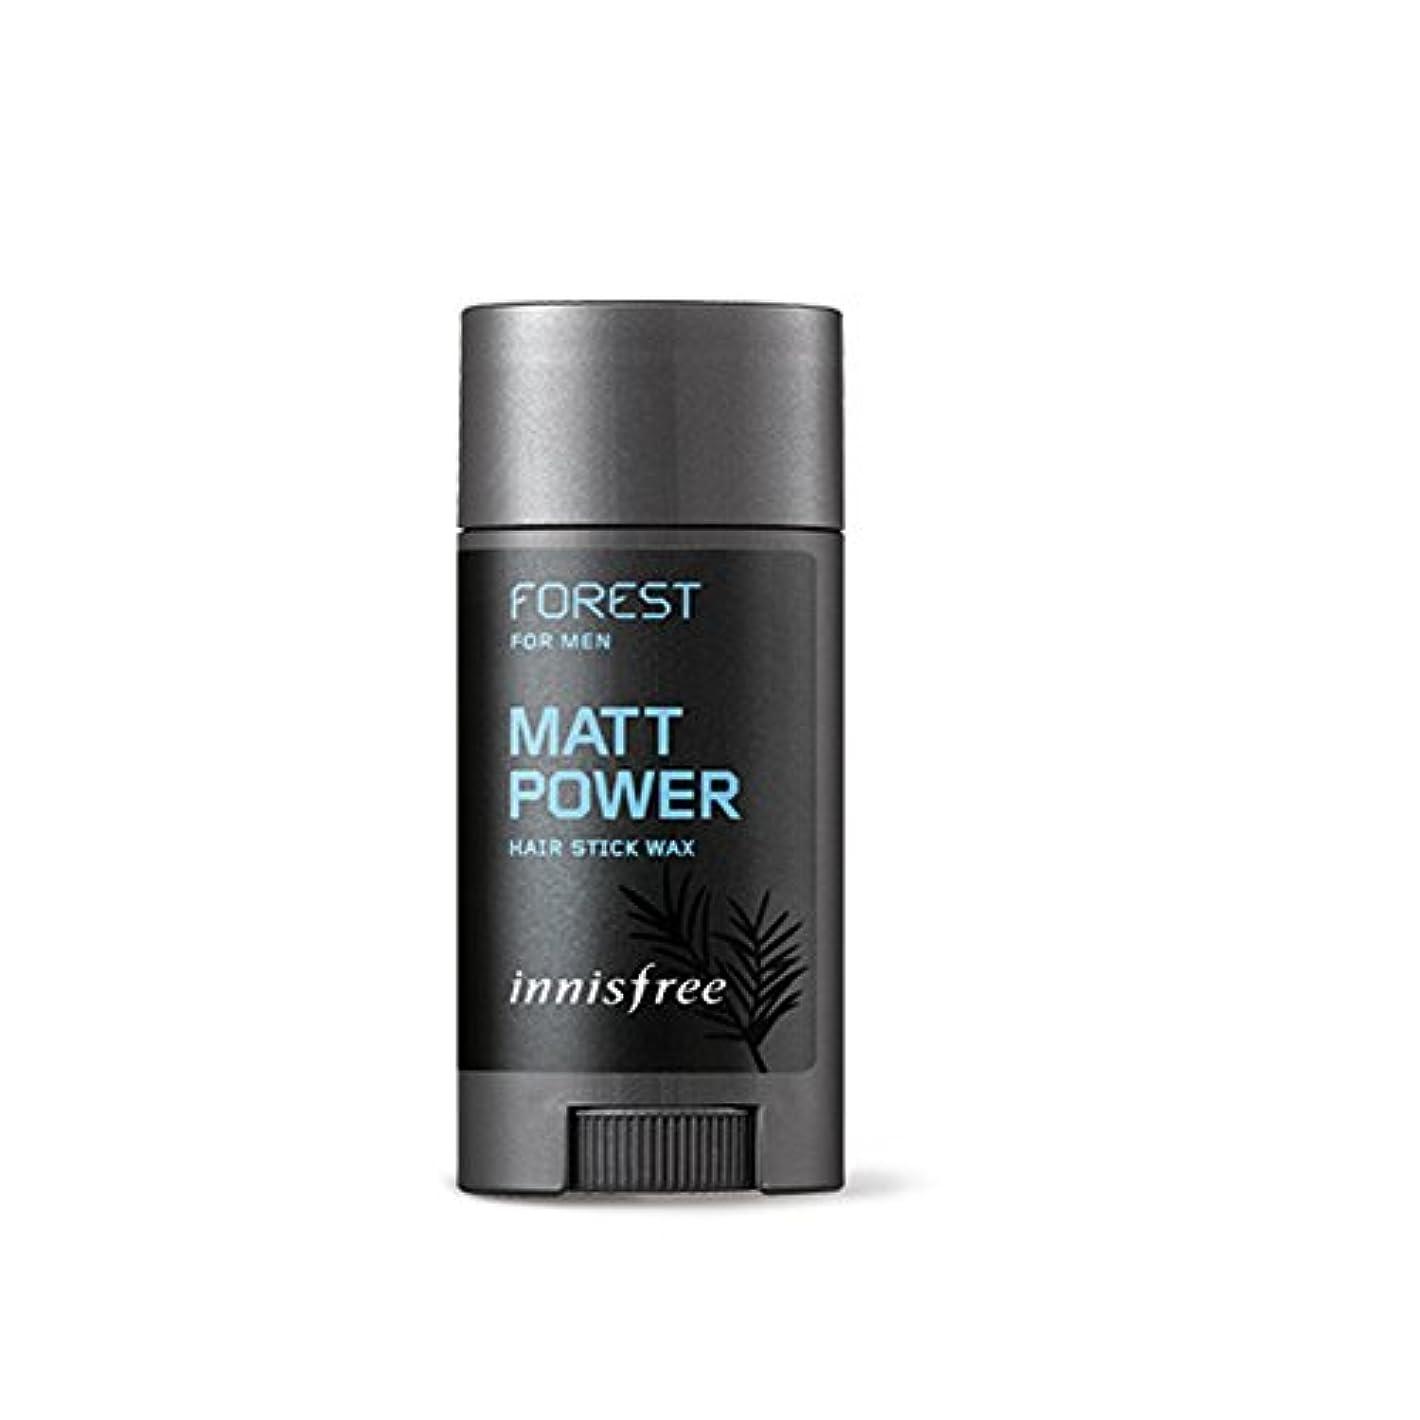 後ろ、背後、背面(部標準仮称イニスフリーフォレストメンズヘアスティックワックス、マットパワー15g / Innisfree Forest for Men Hair Stick Wax, Matt Power 15g [並行輸入品][海外直送品]